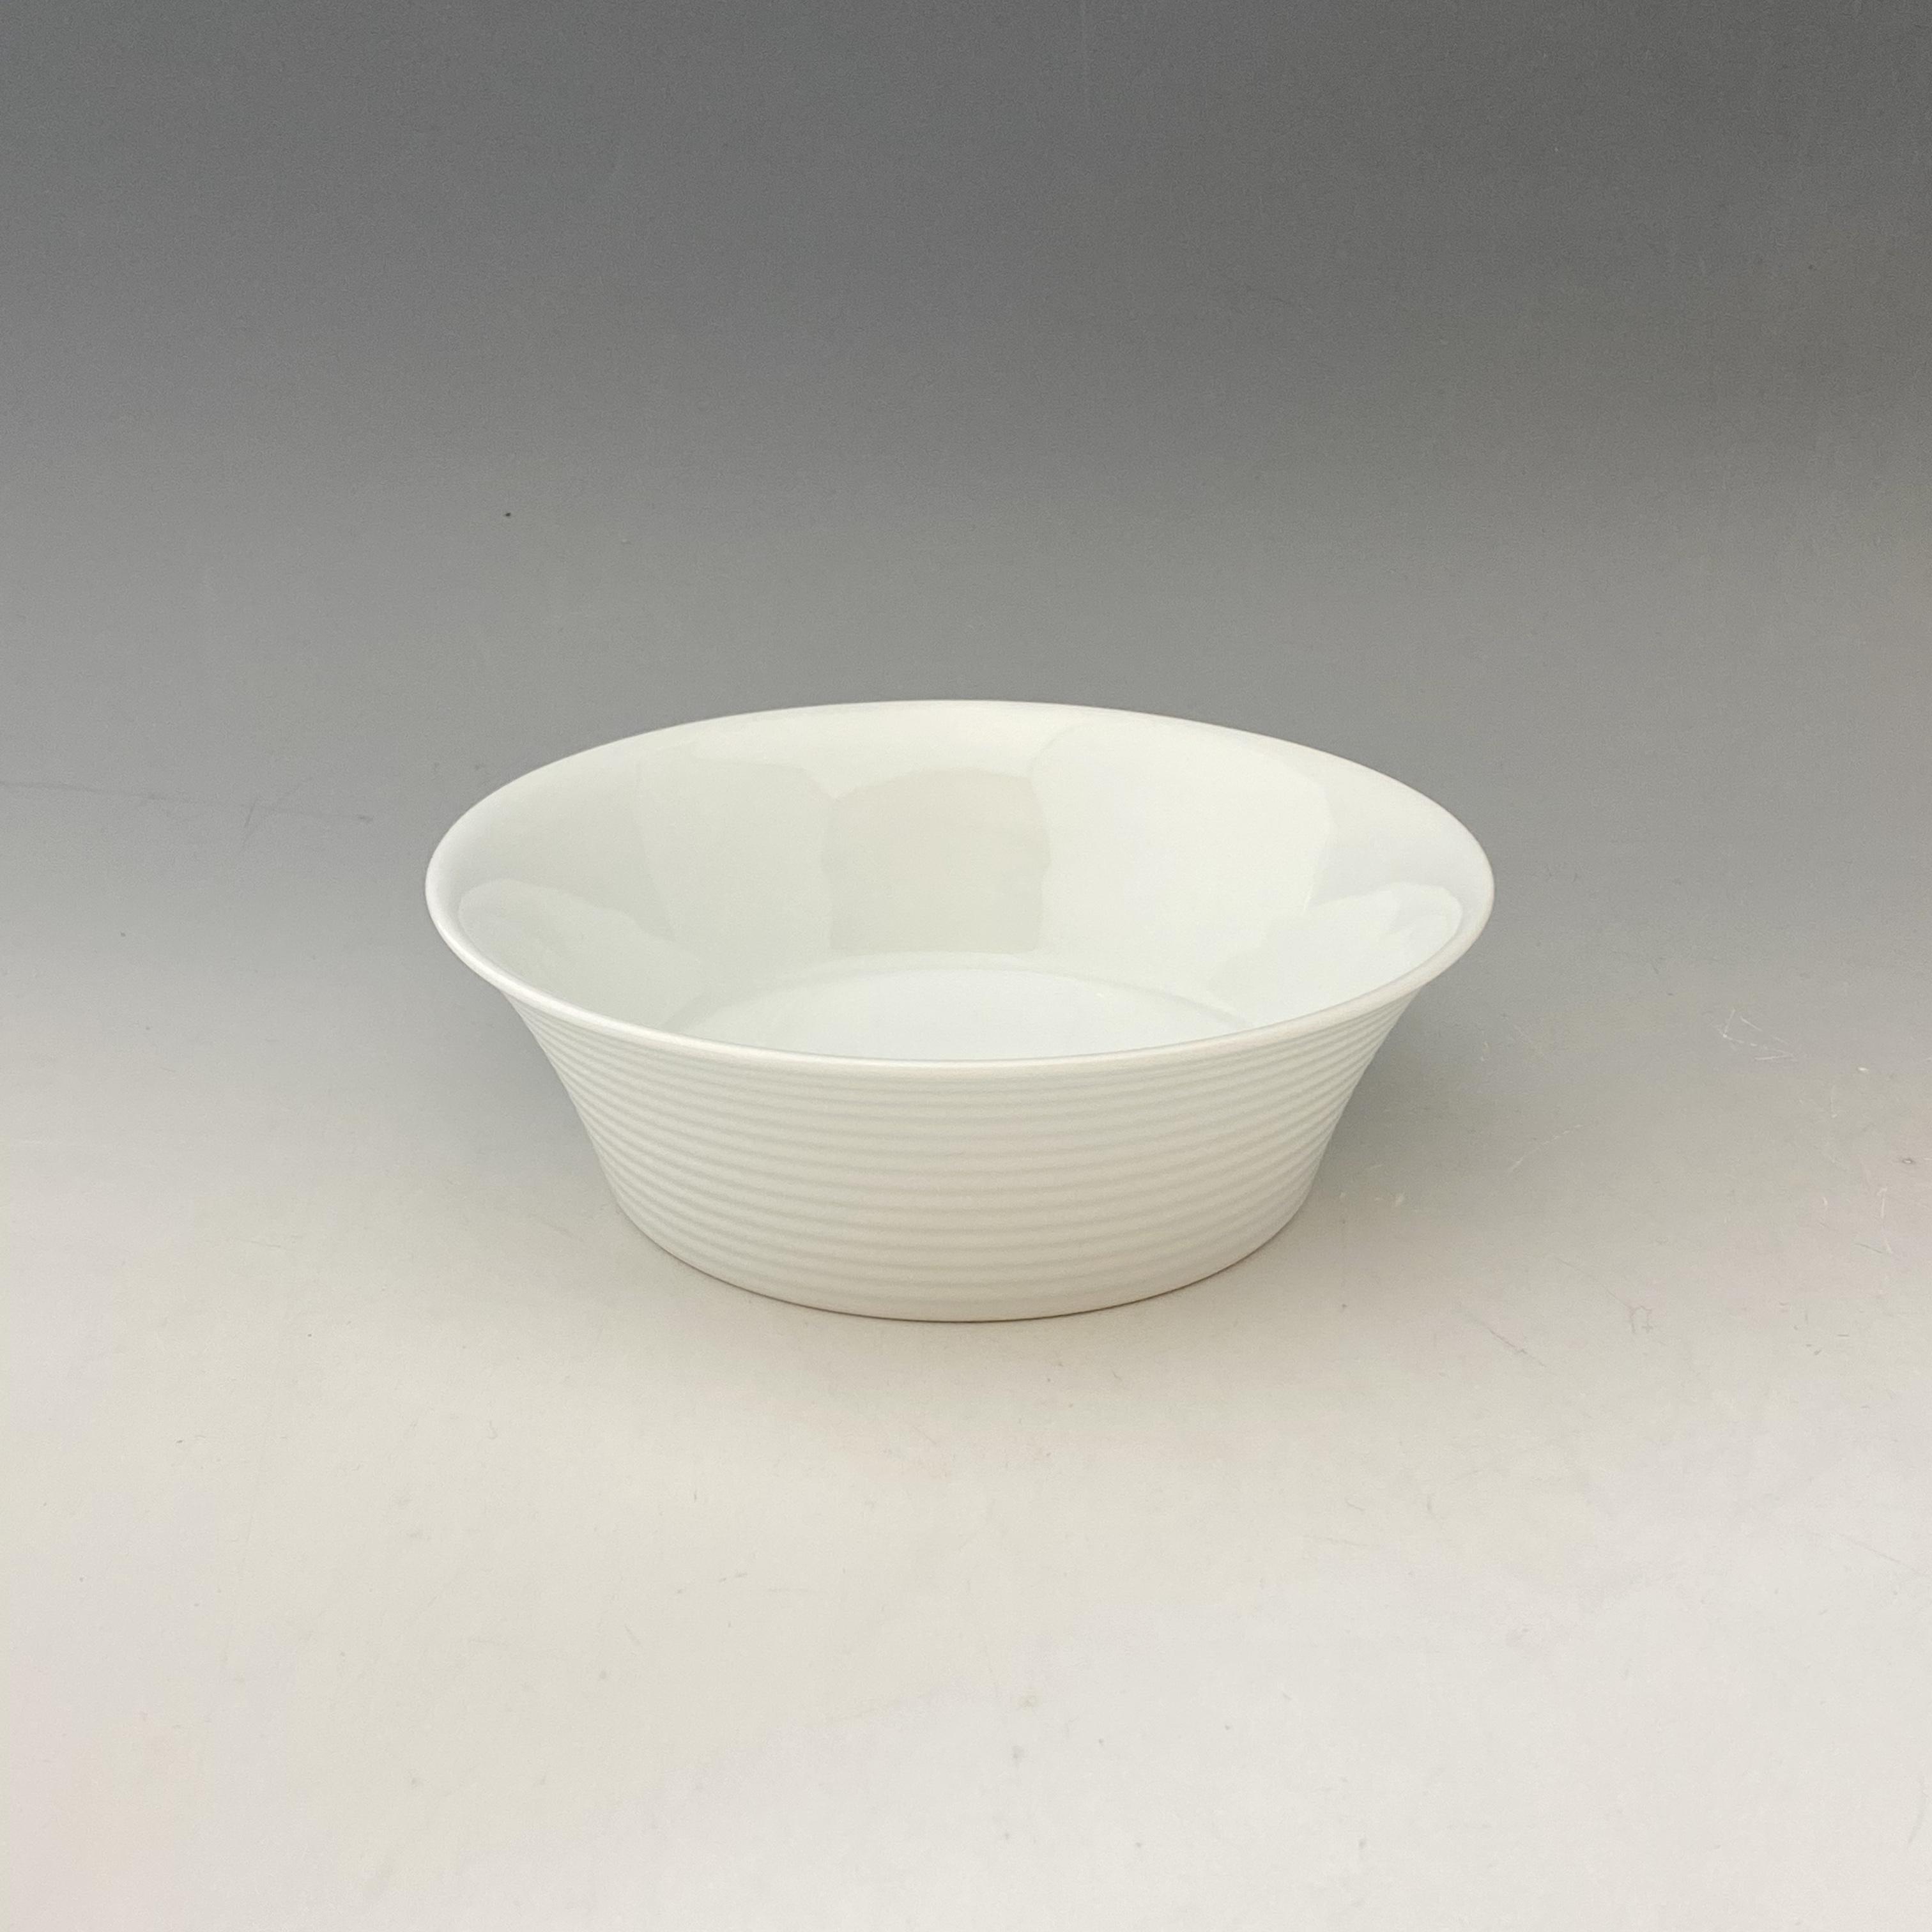 【中尾恭純】白磁線段碗(台)